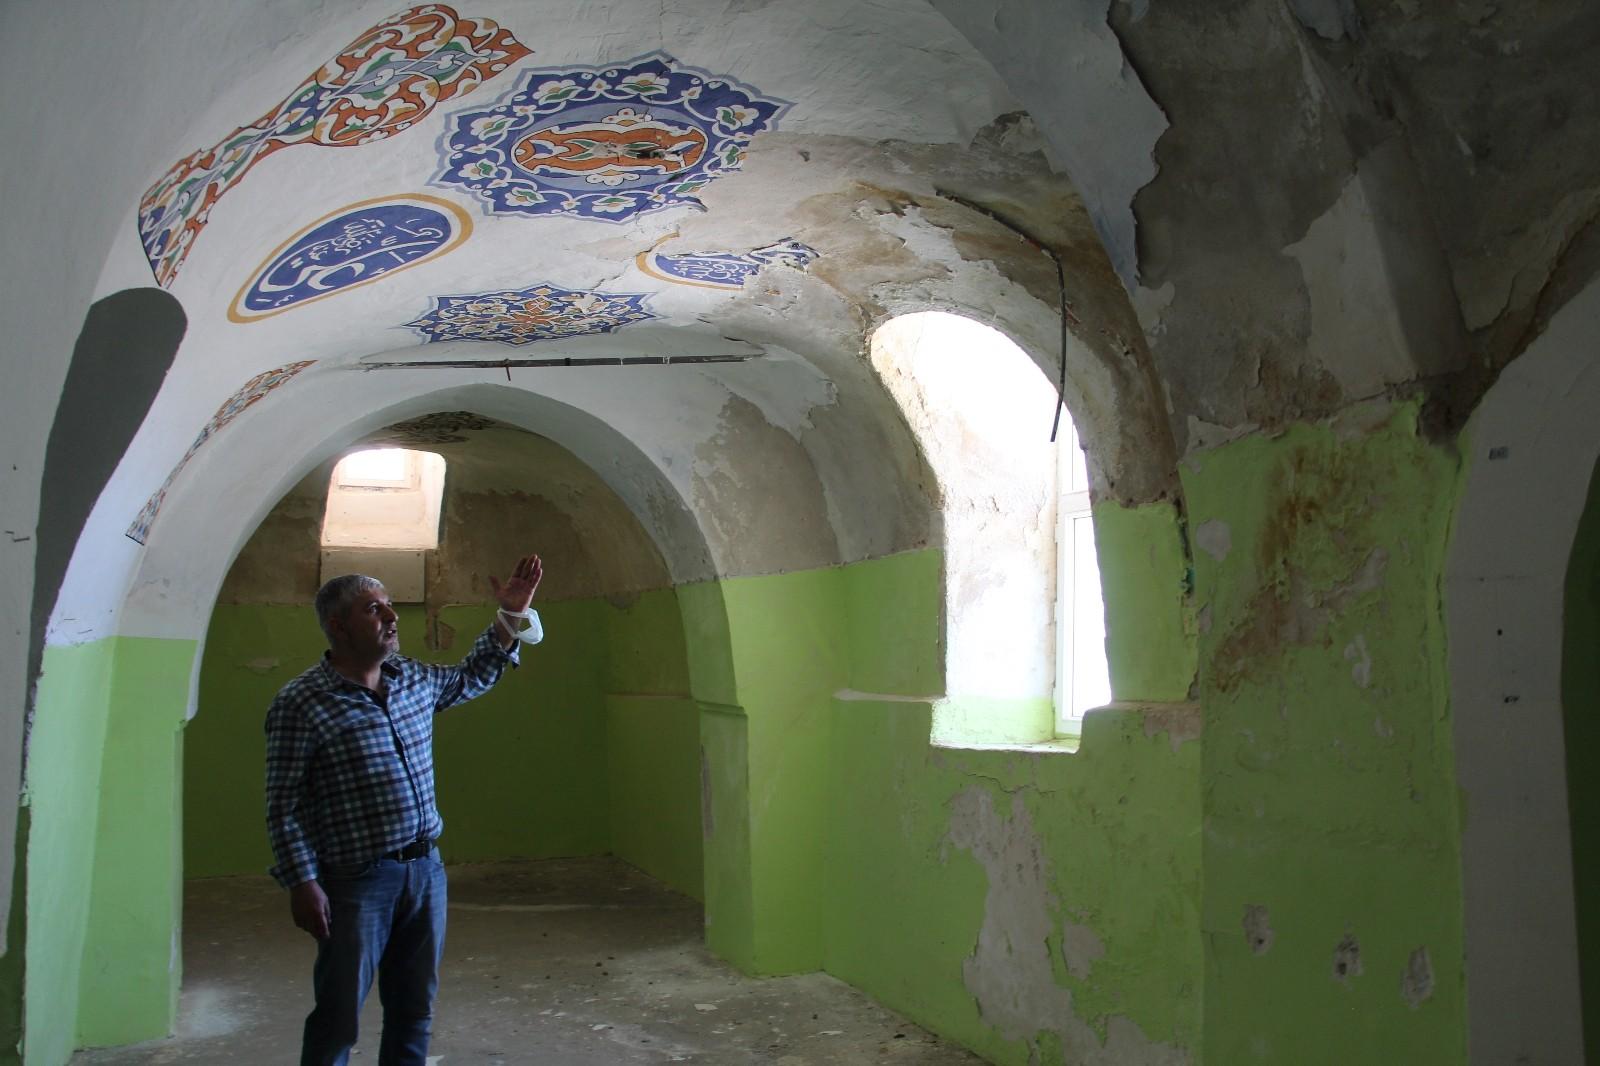 Siirt'te vatandaşlar, 4 asırlık tarihi caminin onarılıp ibadete açılmasını istiyor